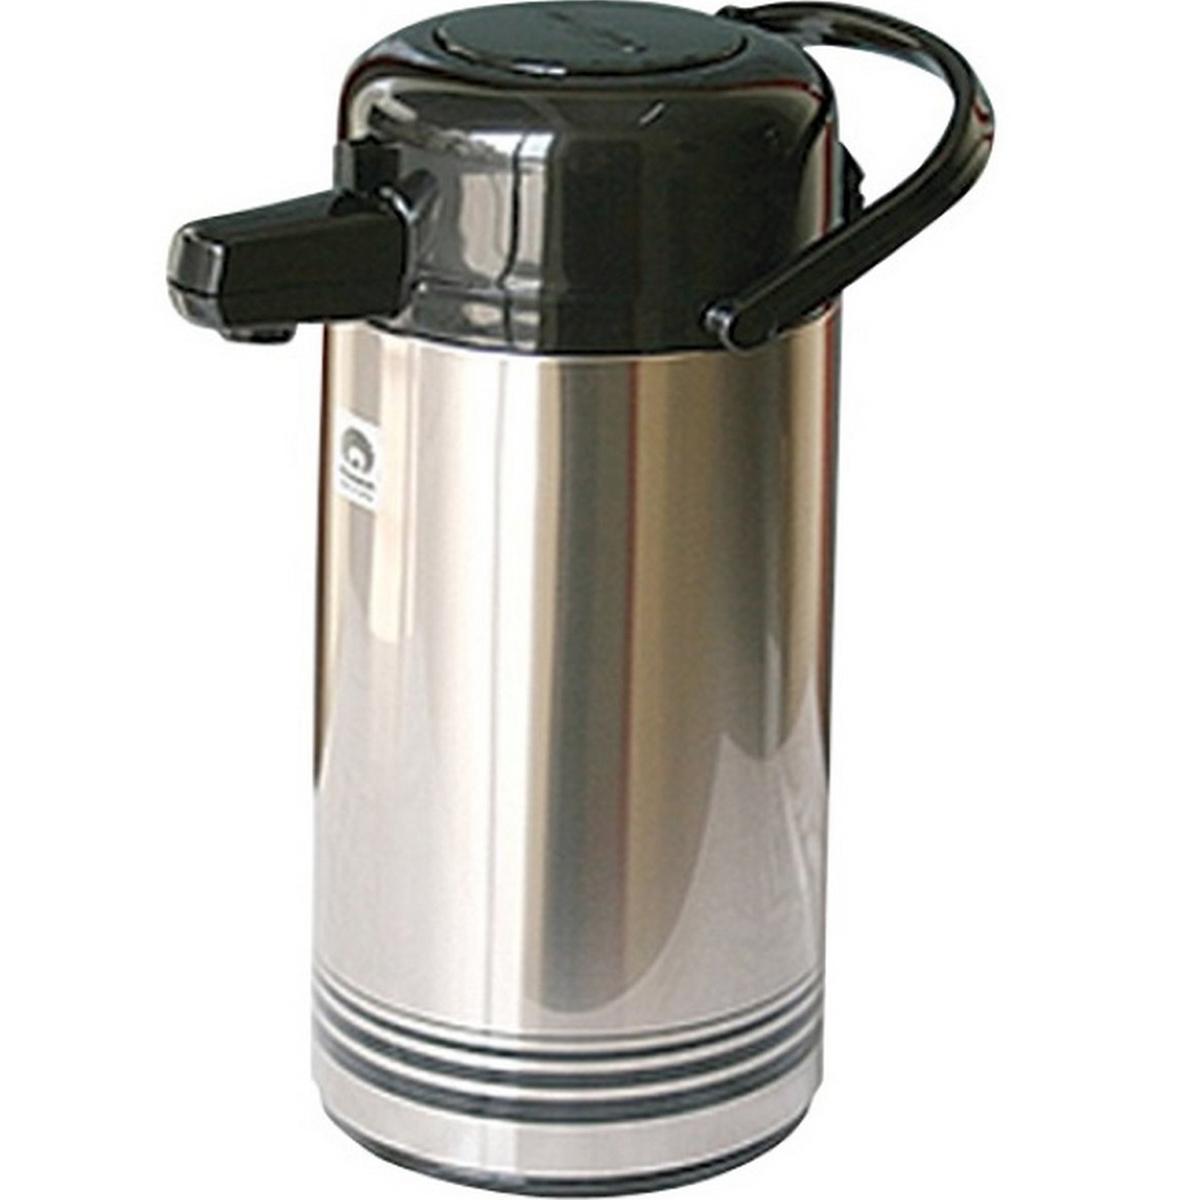 Buy Peacock Stainless Steel Unbrek Flask 2 5Ltr - Flasks